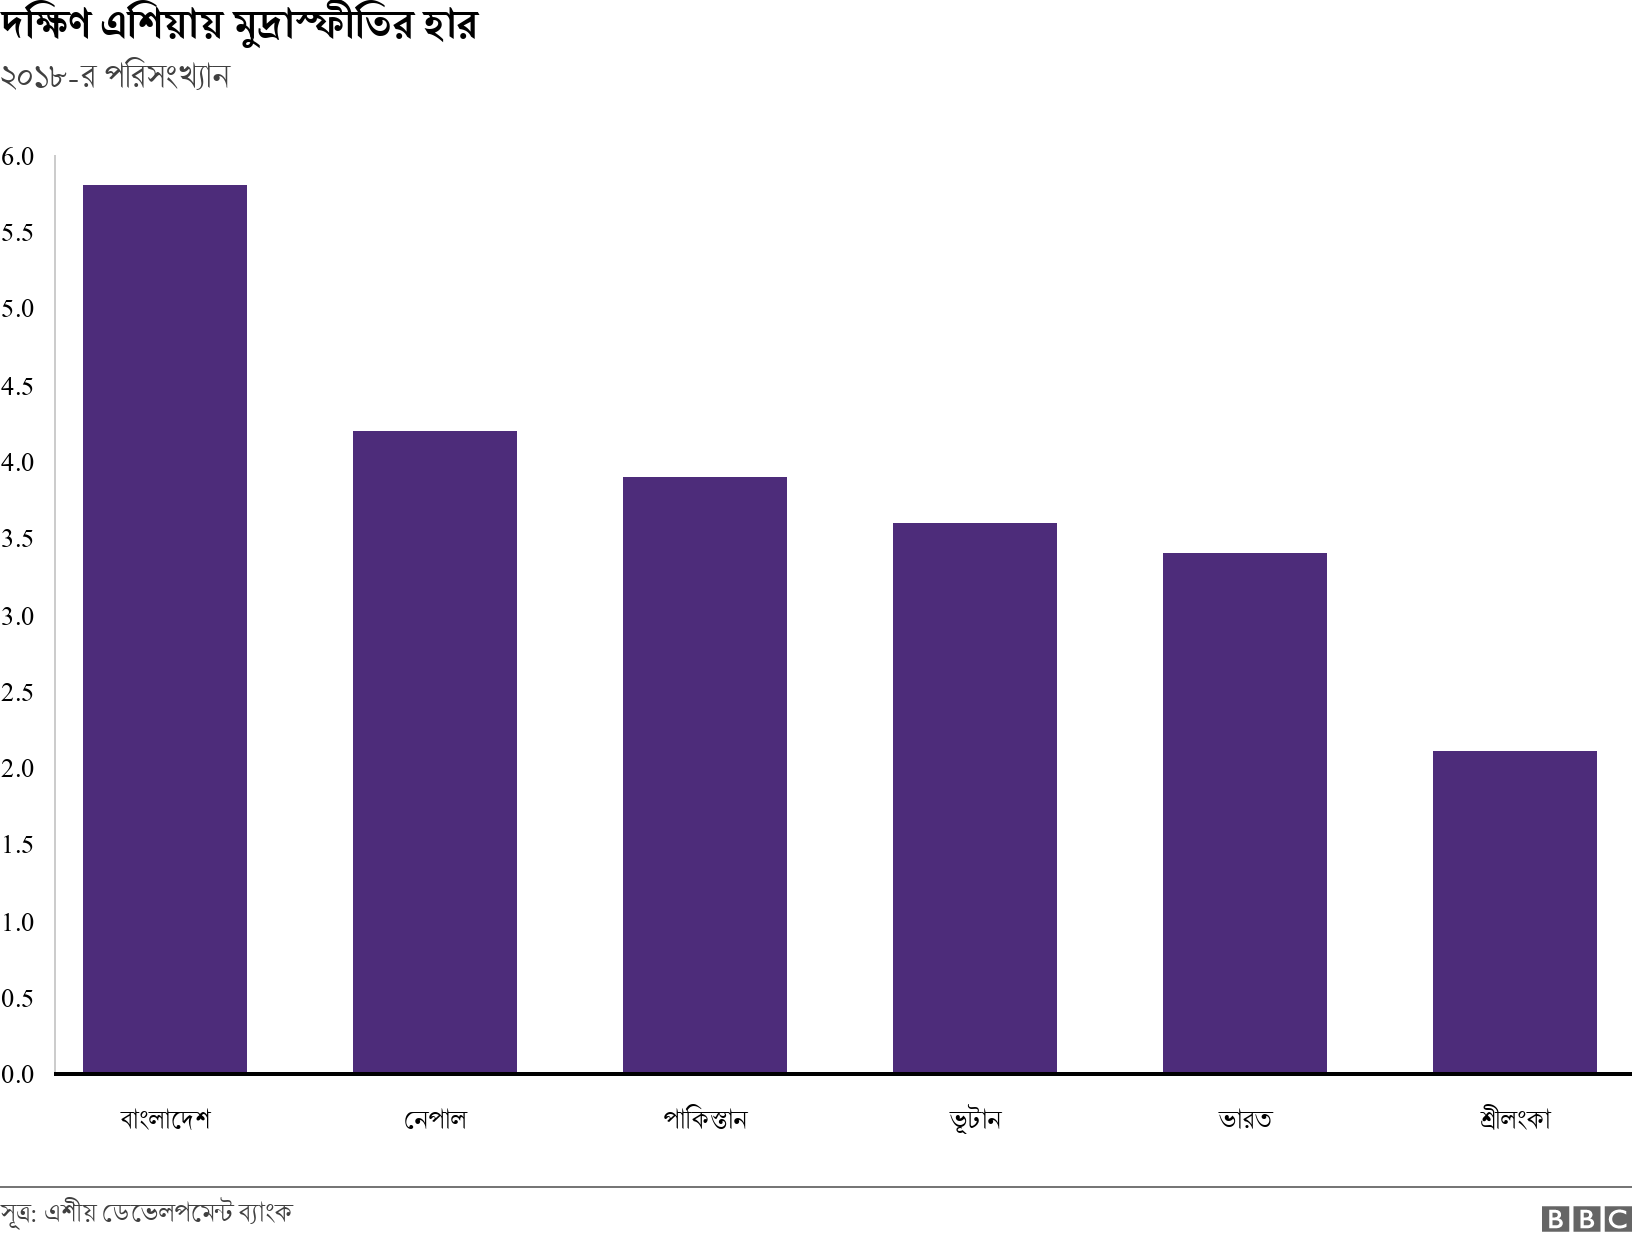 দক্ষিণ এশিয়ায় মুদ্রাস্ফীতির হার. ২০১৮-র পরিসংখ্যান.  .